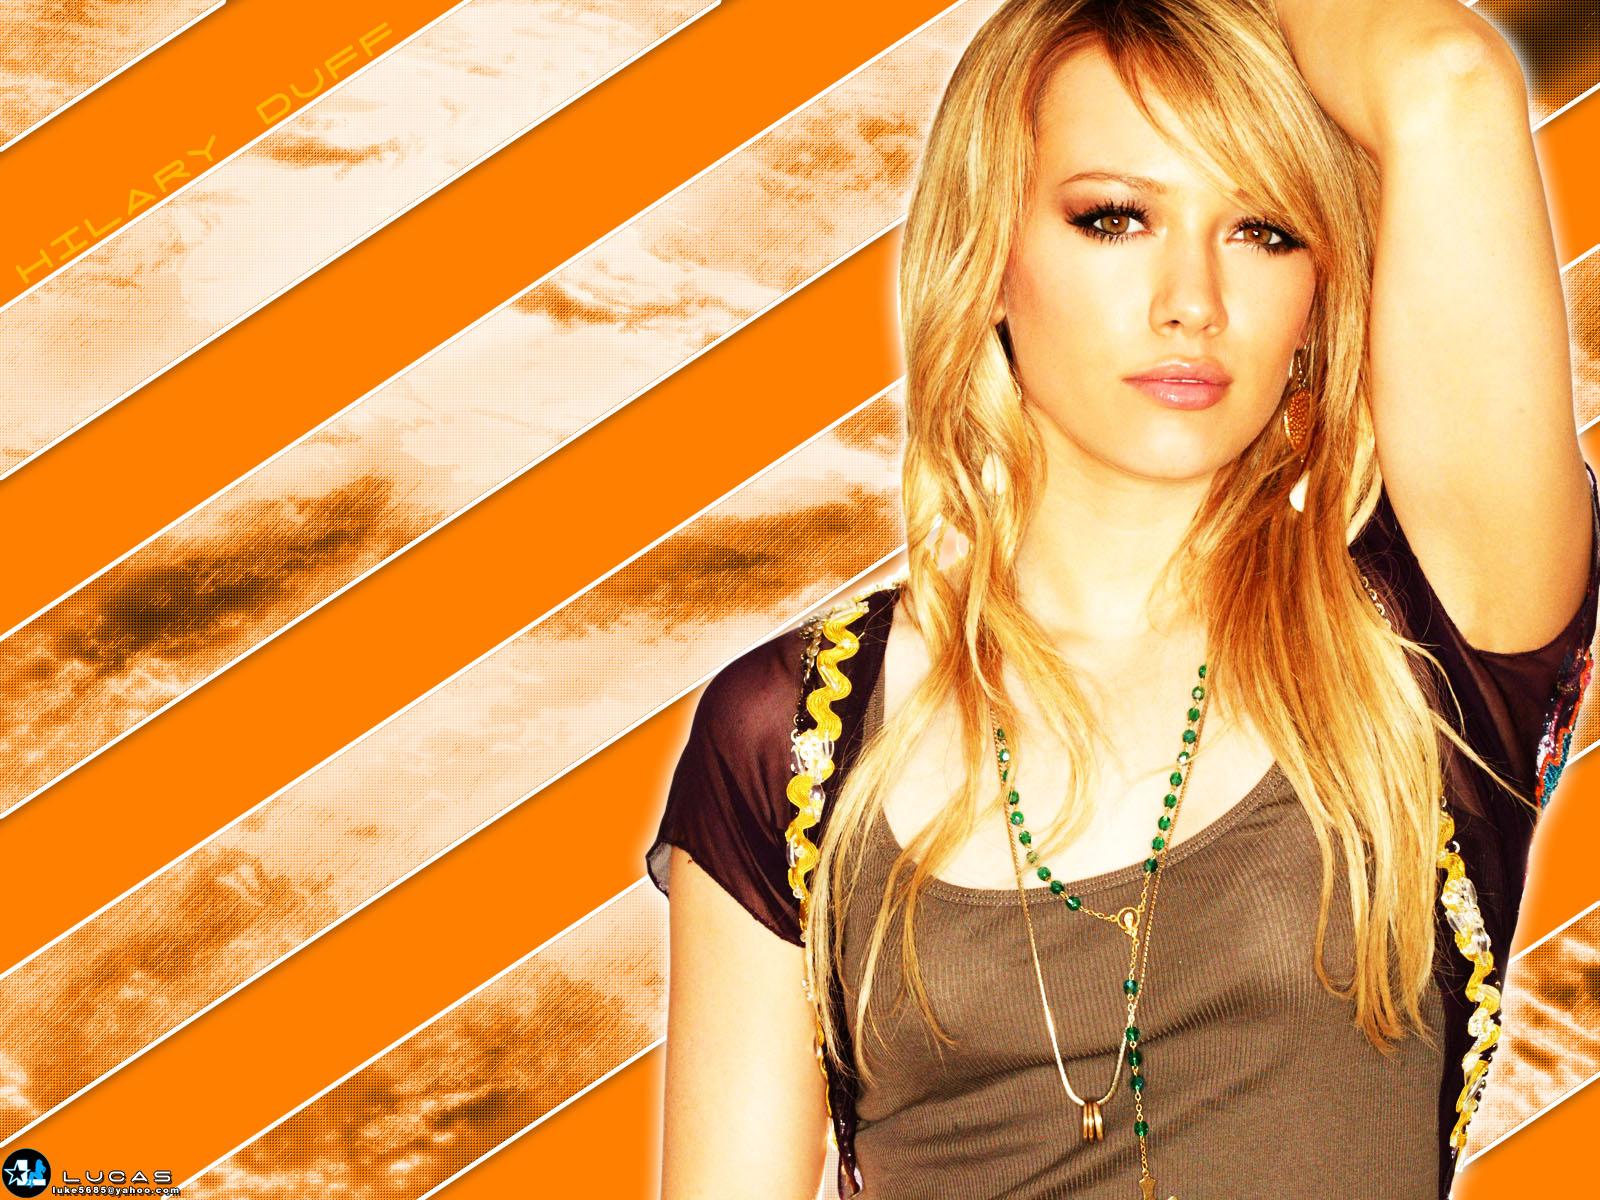 http://1.bp.blogspot.com/-3Bx3Jjkm75Q/Tcq5tREXm1I/AAAAAAAAAT4/AKdNncRYlBw/s1600/Hilary-Duff-Wallpapers-2010-3.jpg